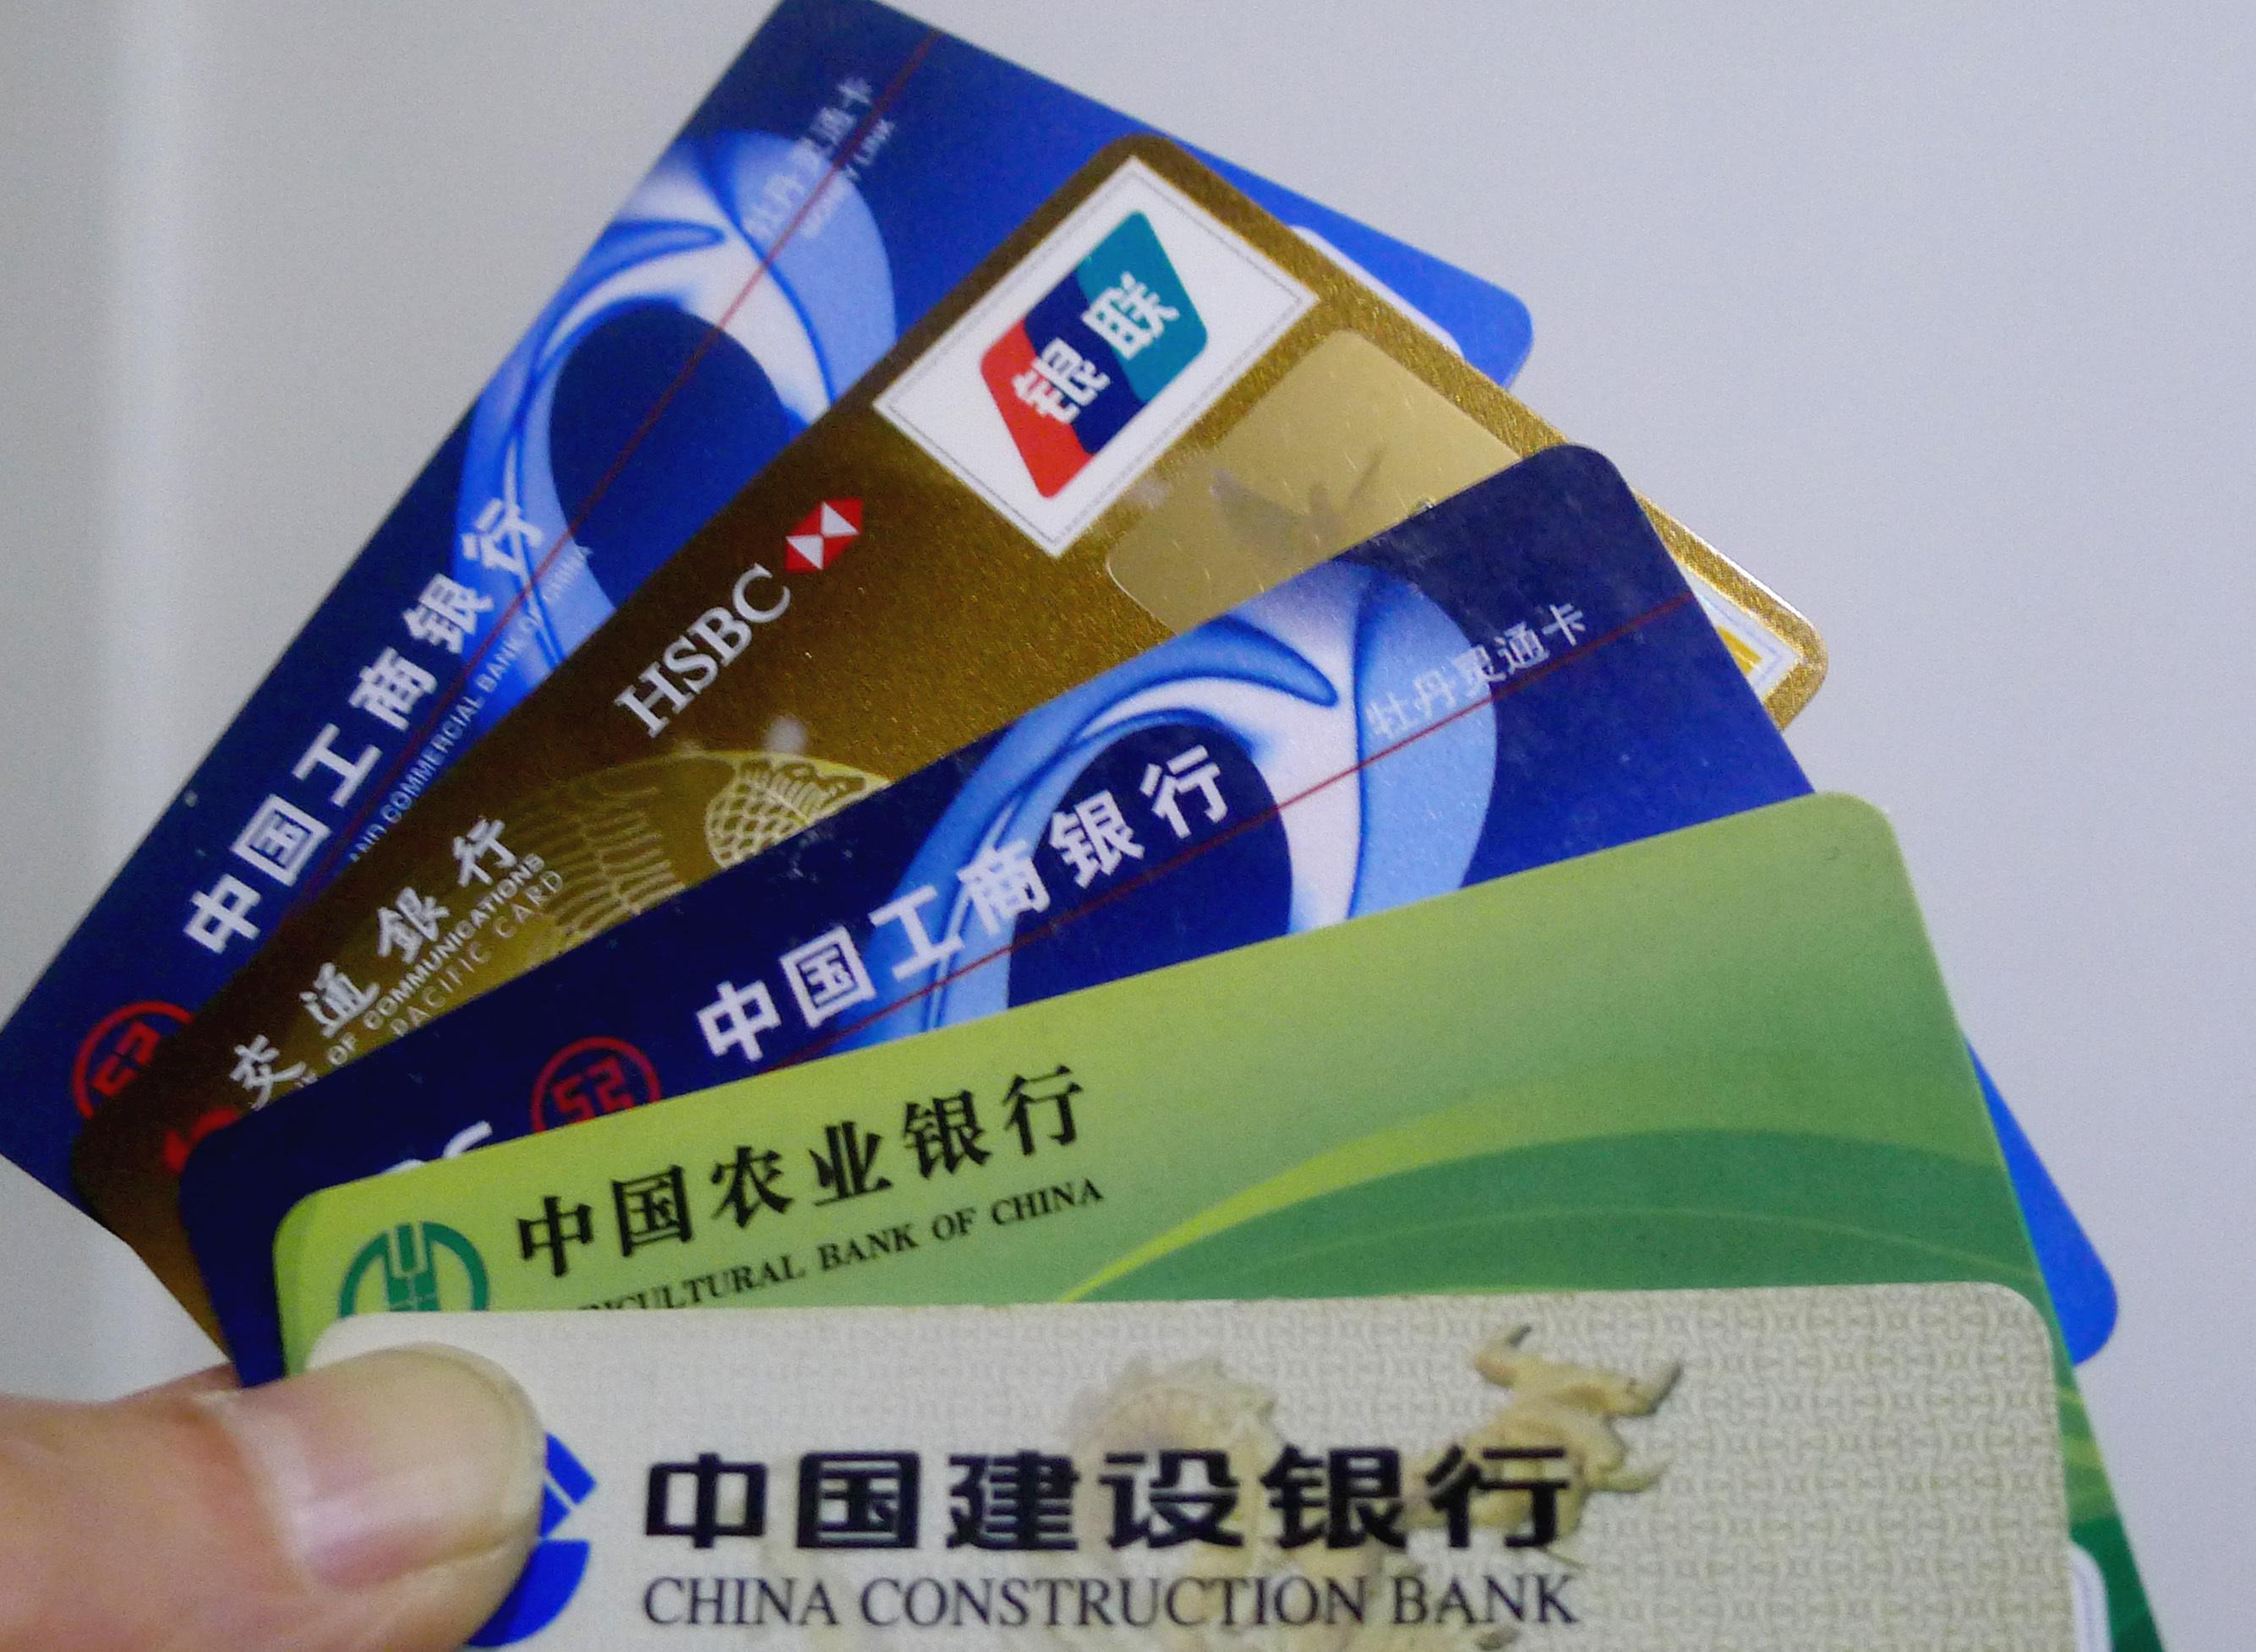 信用卡提额一定要注意的7个技巧,事半功倍哦!